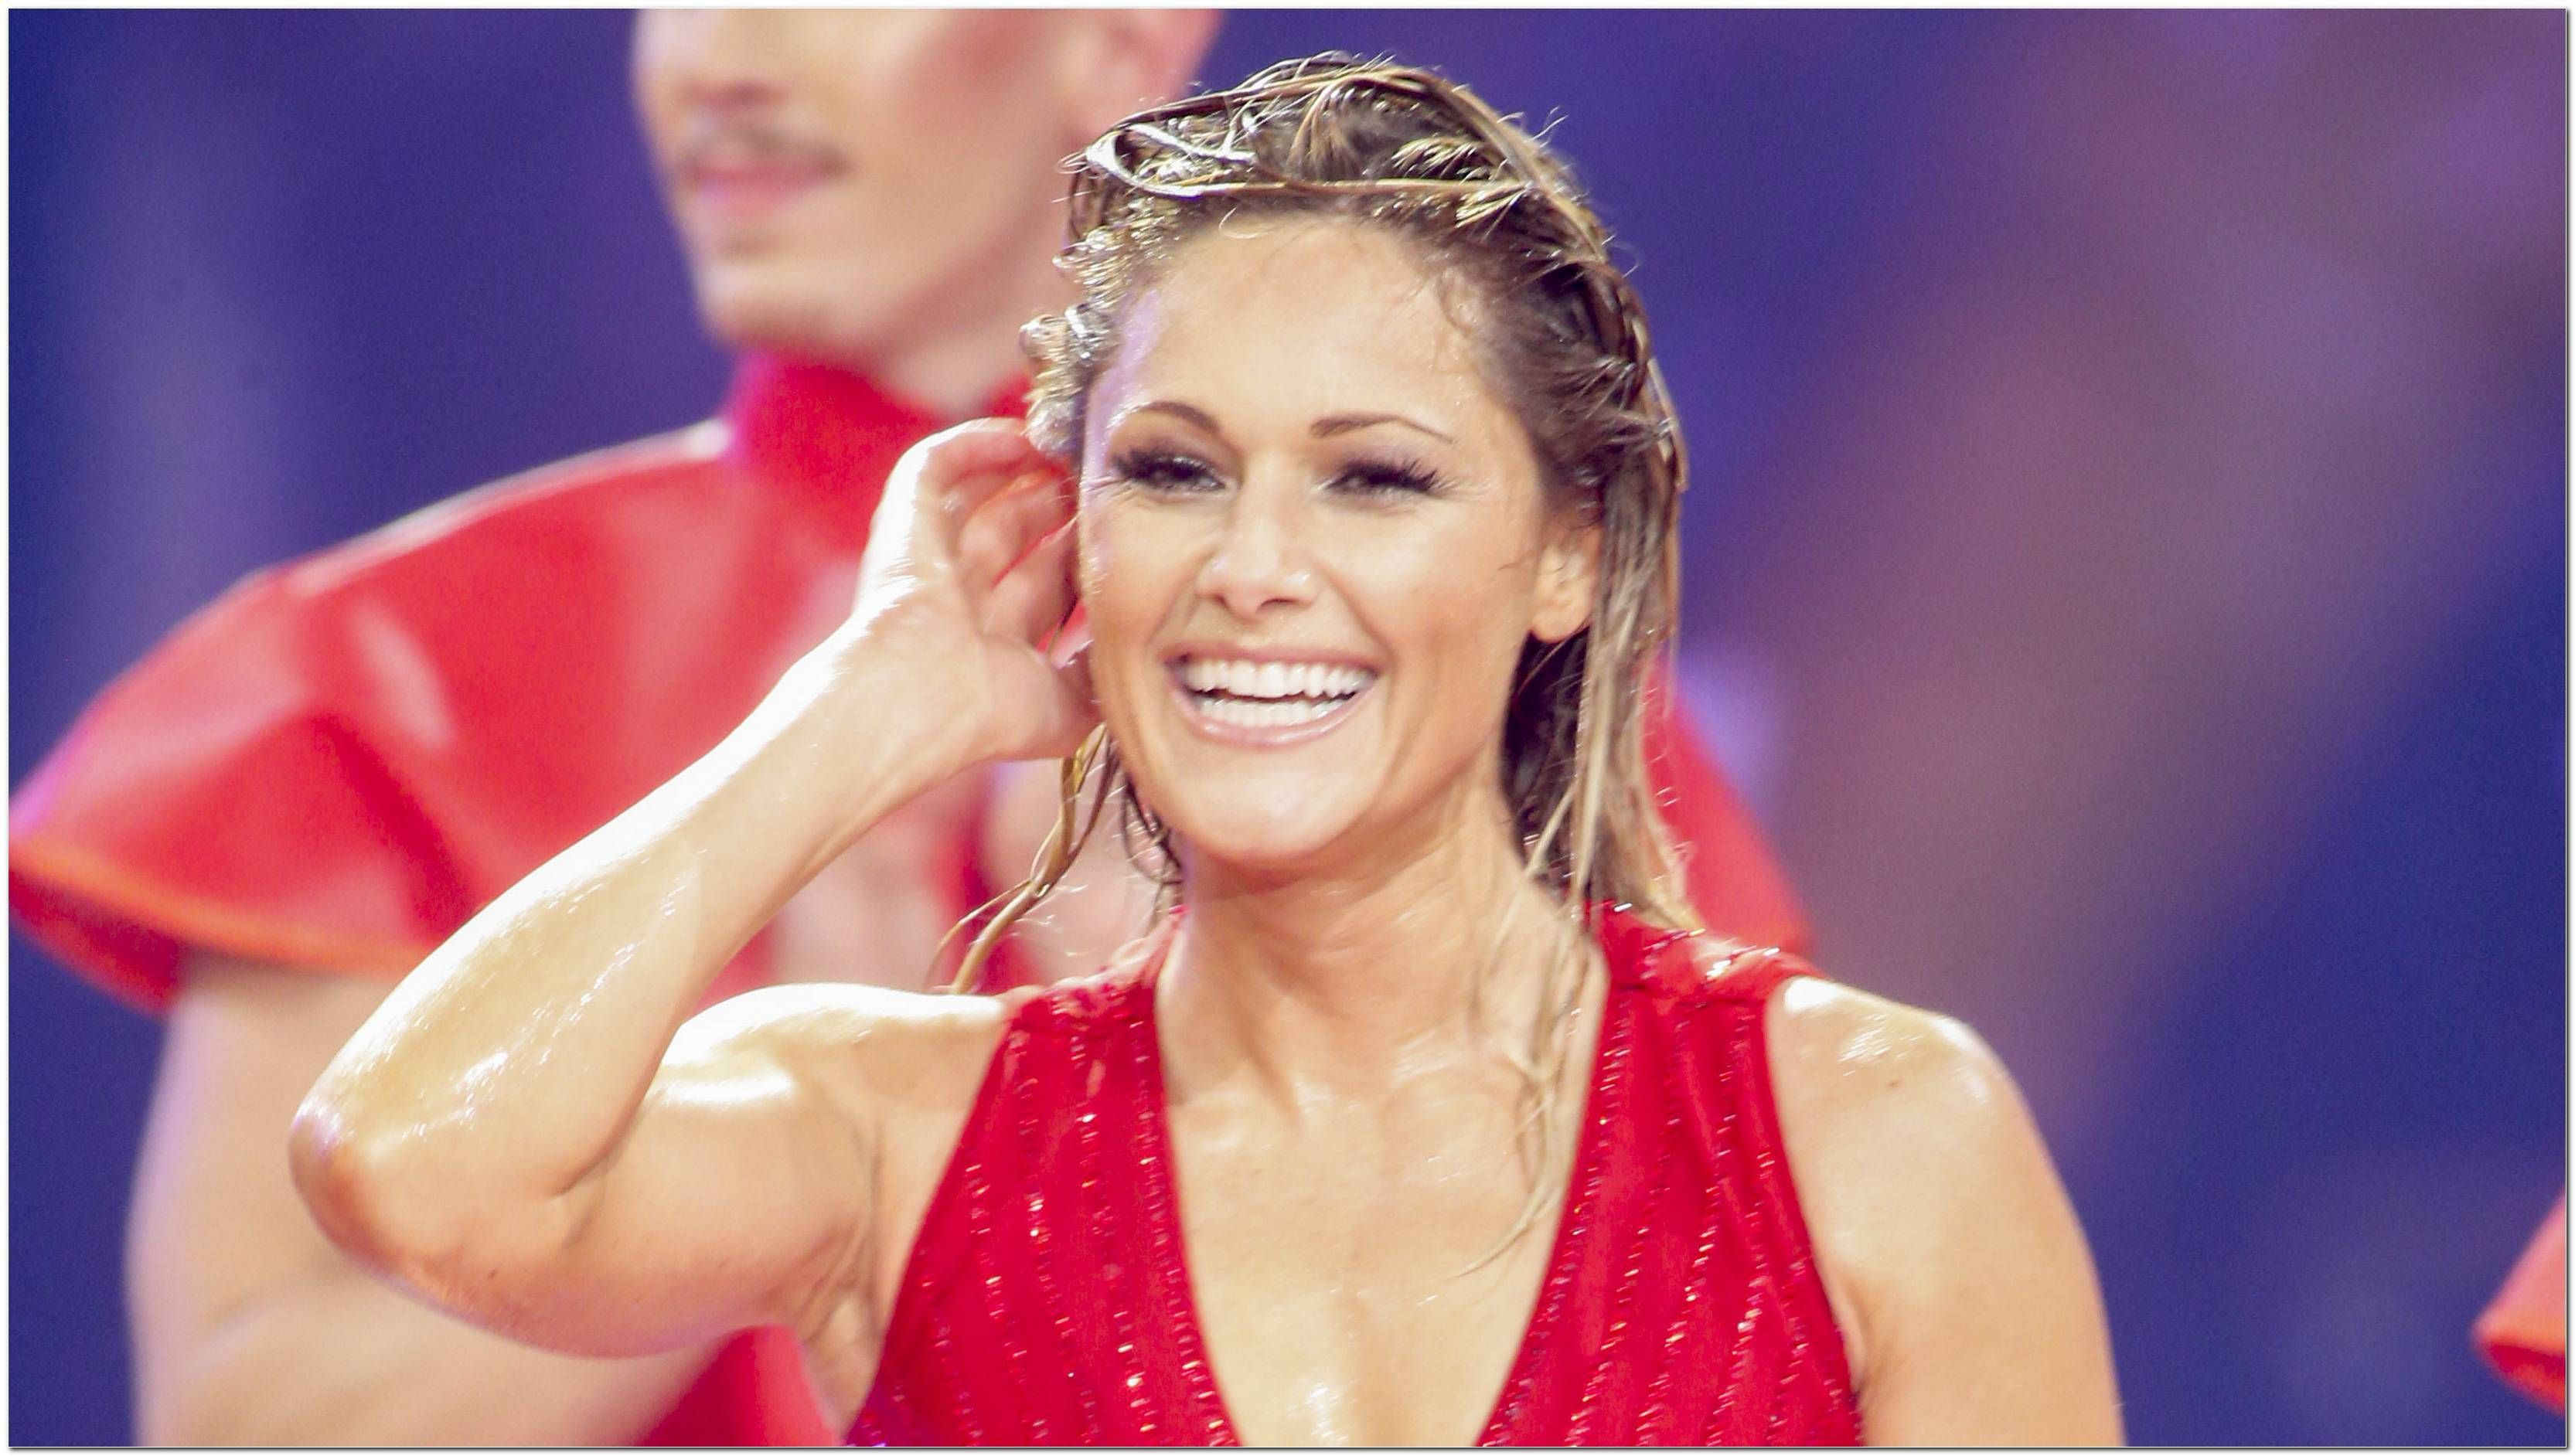 Aktuelle Frisur Helene Fischer Hair Inspiration Celebrities Actresses